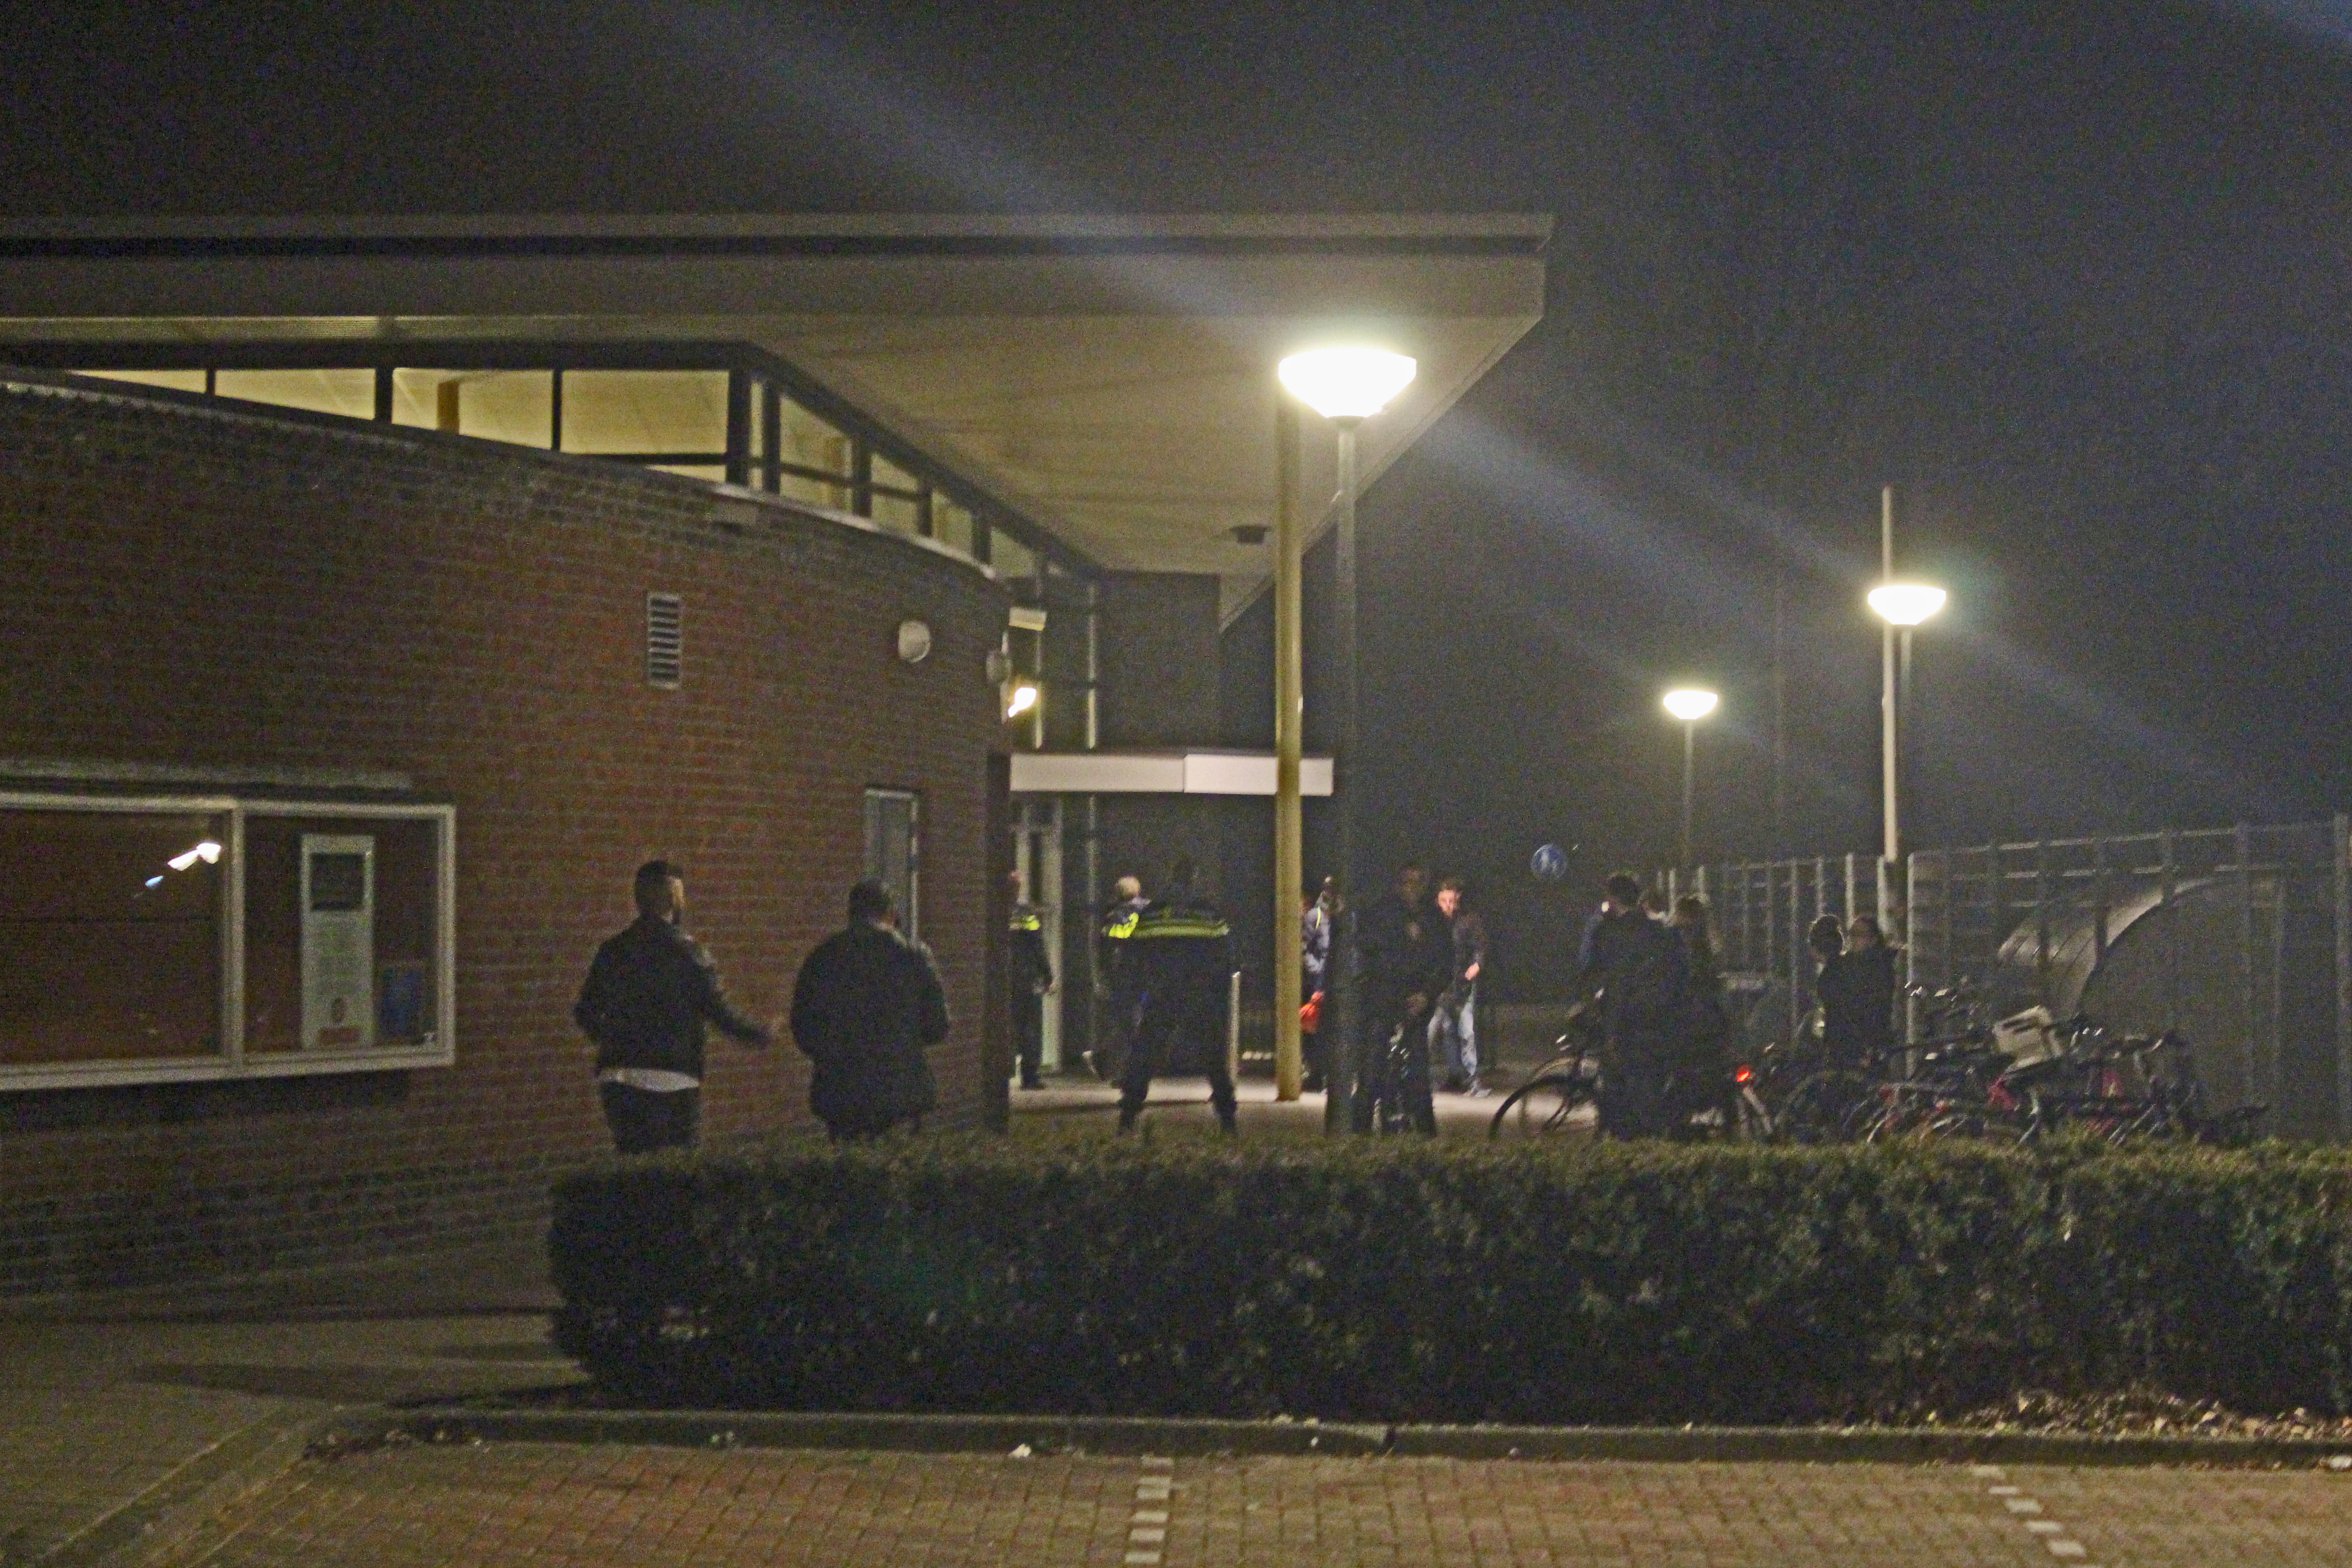 Vechtpartij zaalvoetbalwedstrijd Alkmaar om 'overtreding keeper'